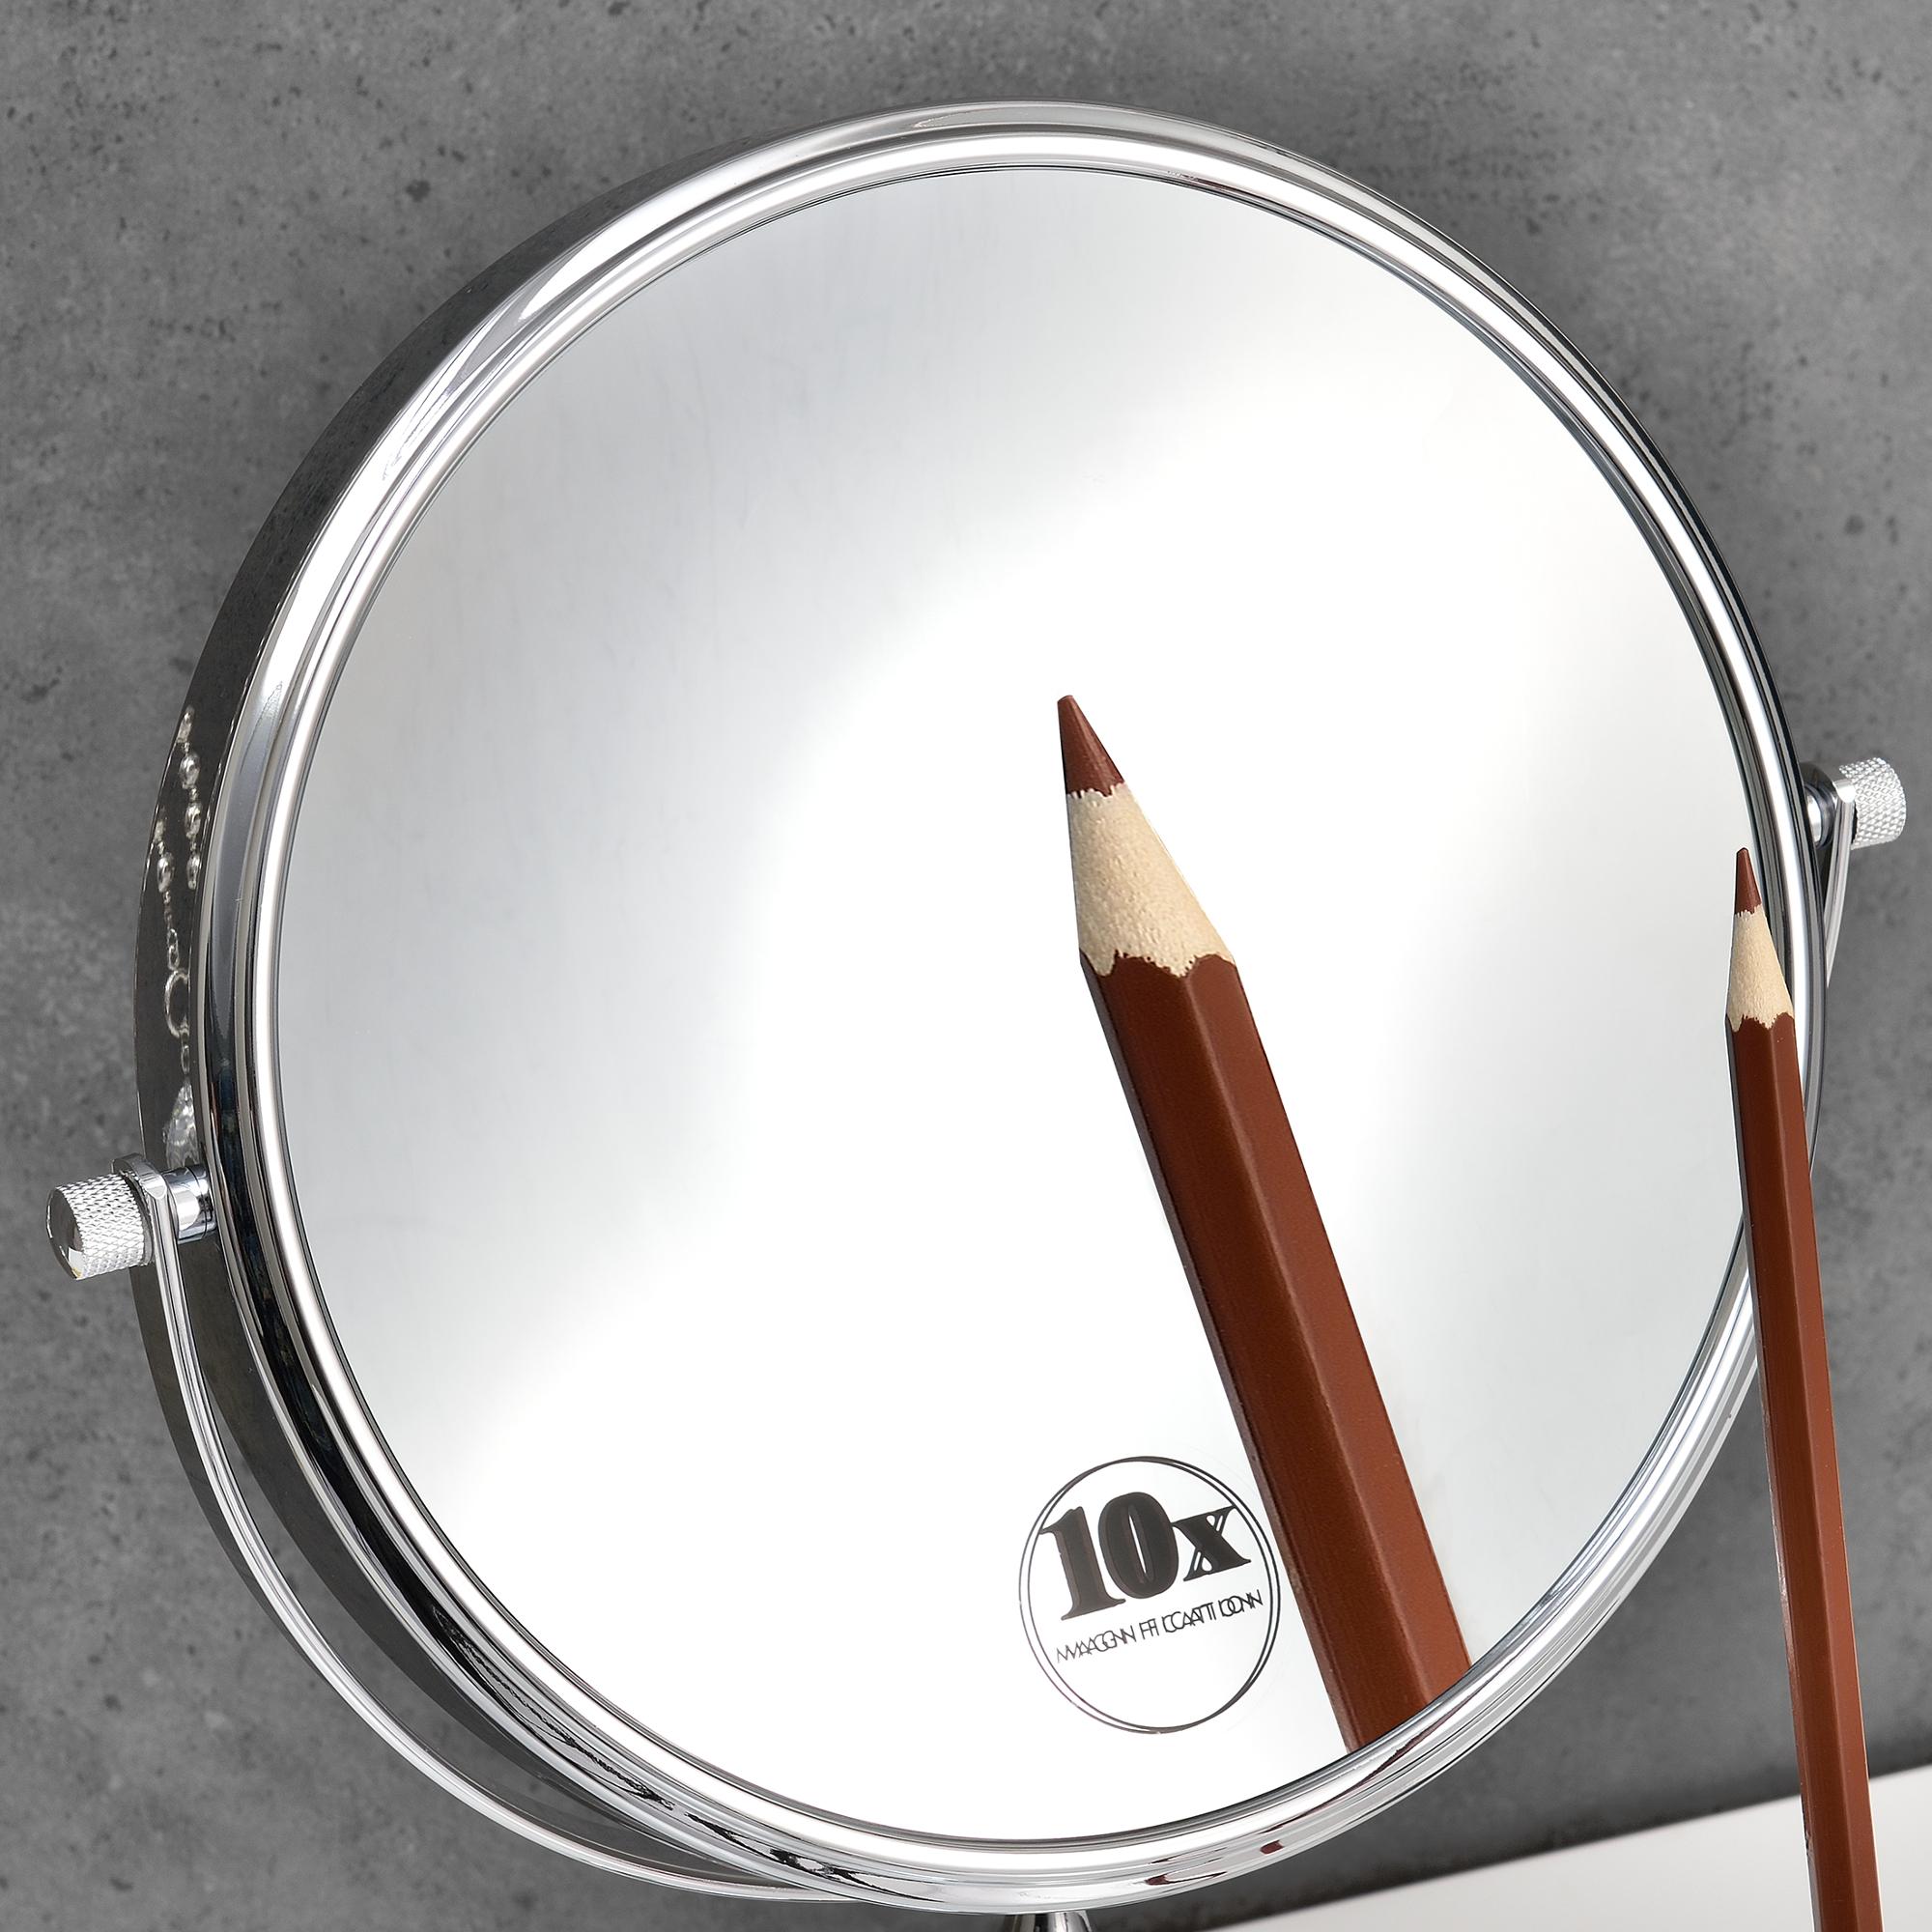 Specchio cosmetico 8 per trucco specchio make up ingrandimento 10 x ebay - Specchio make up ...